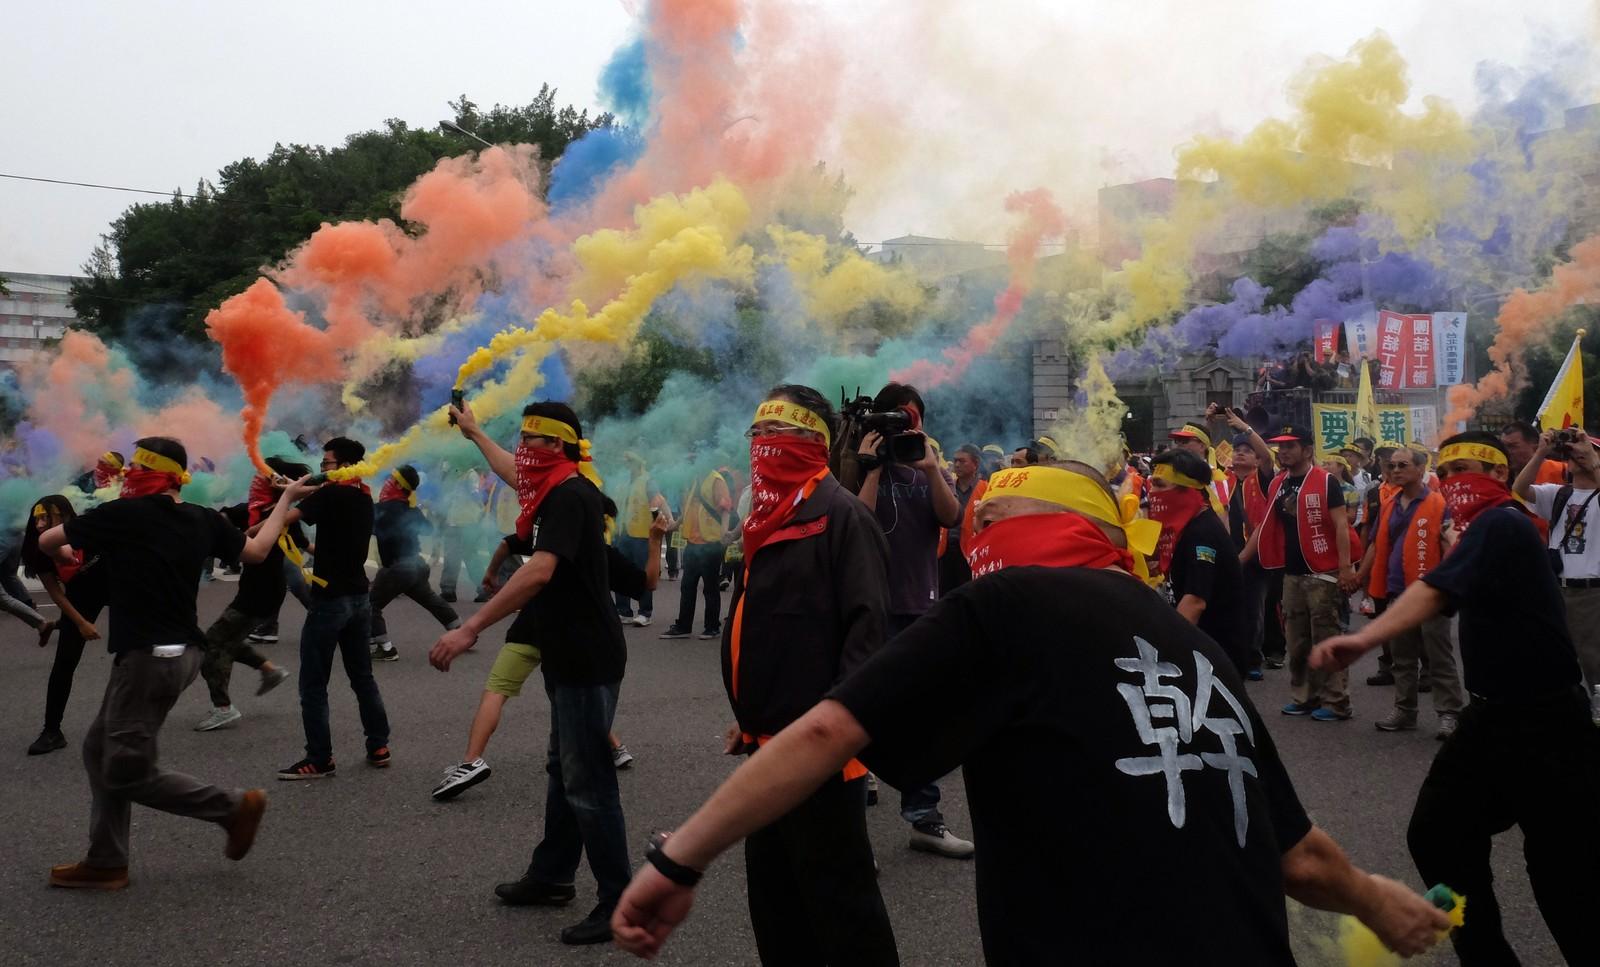 Arbeidere kaster røykbomber i Taipei i Taiwan 1. mai. Tusener tok til gatene i Taipei for å kreve bedre arbeidsvilkår av myndighetene i landet.